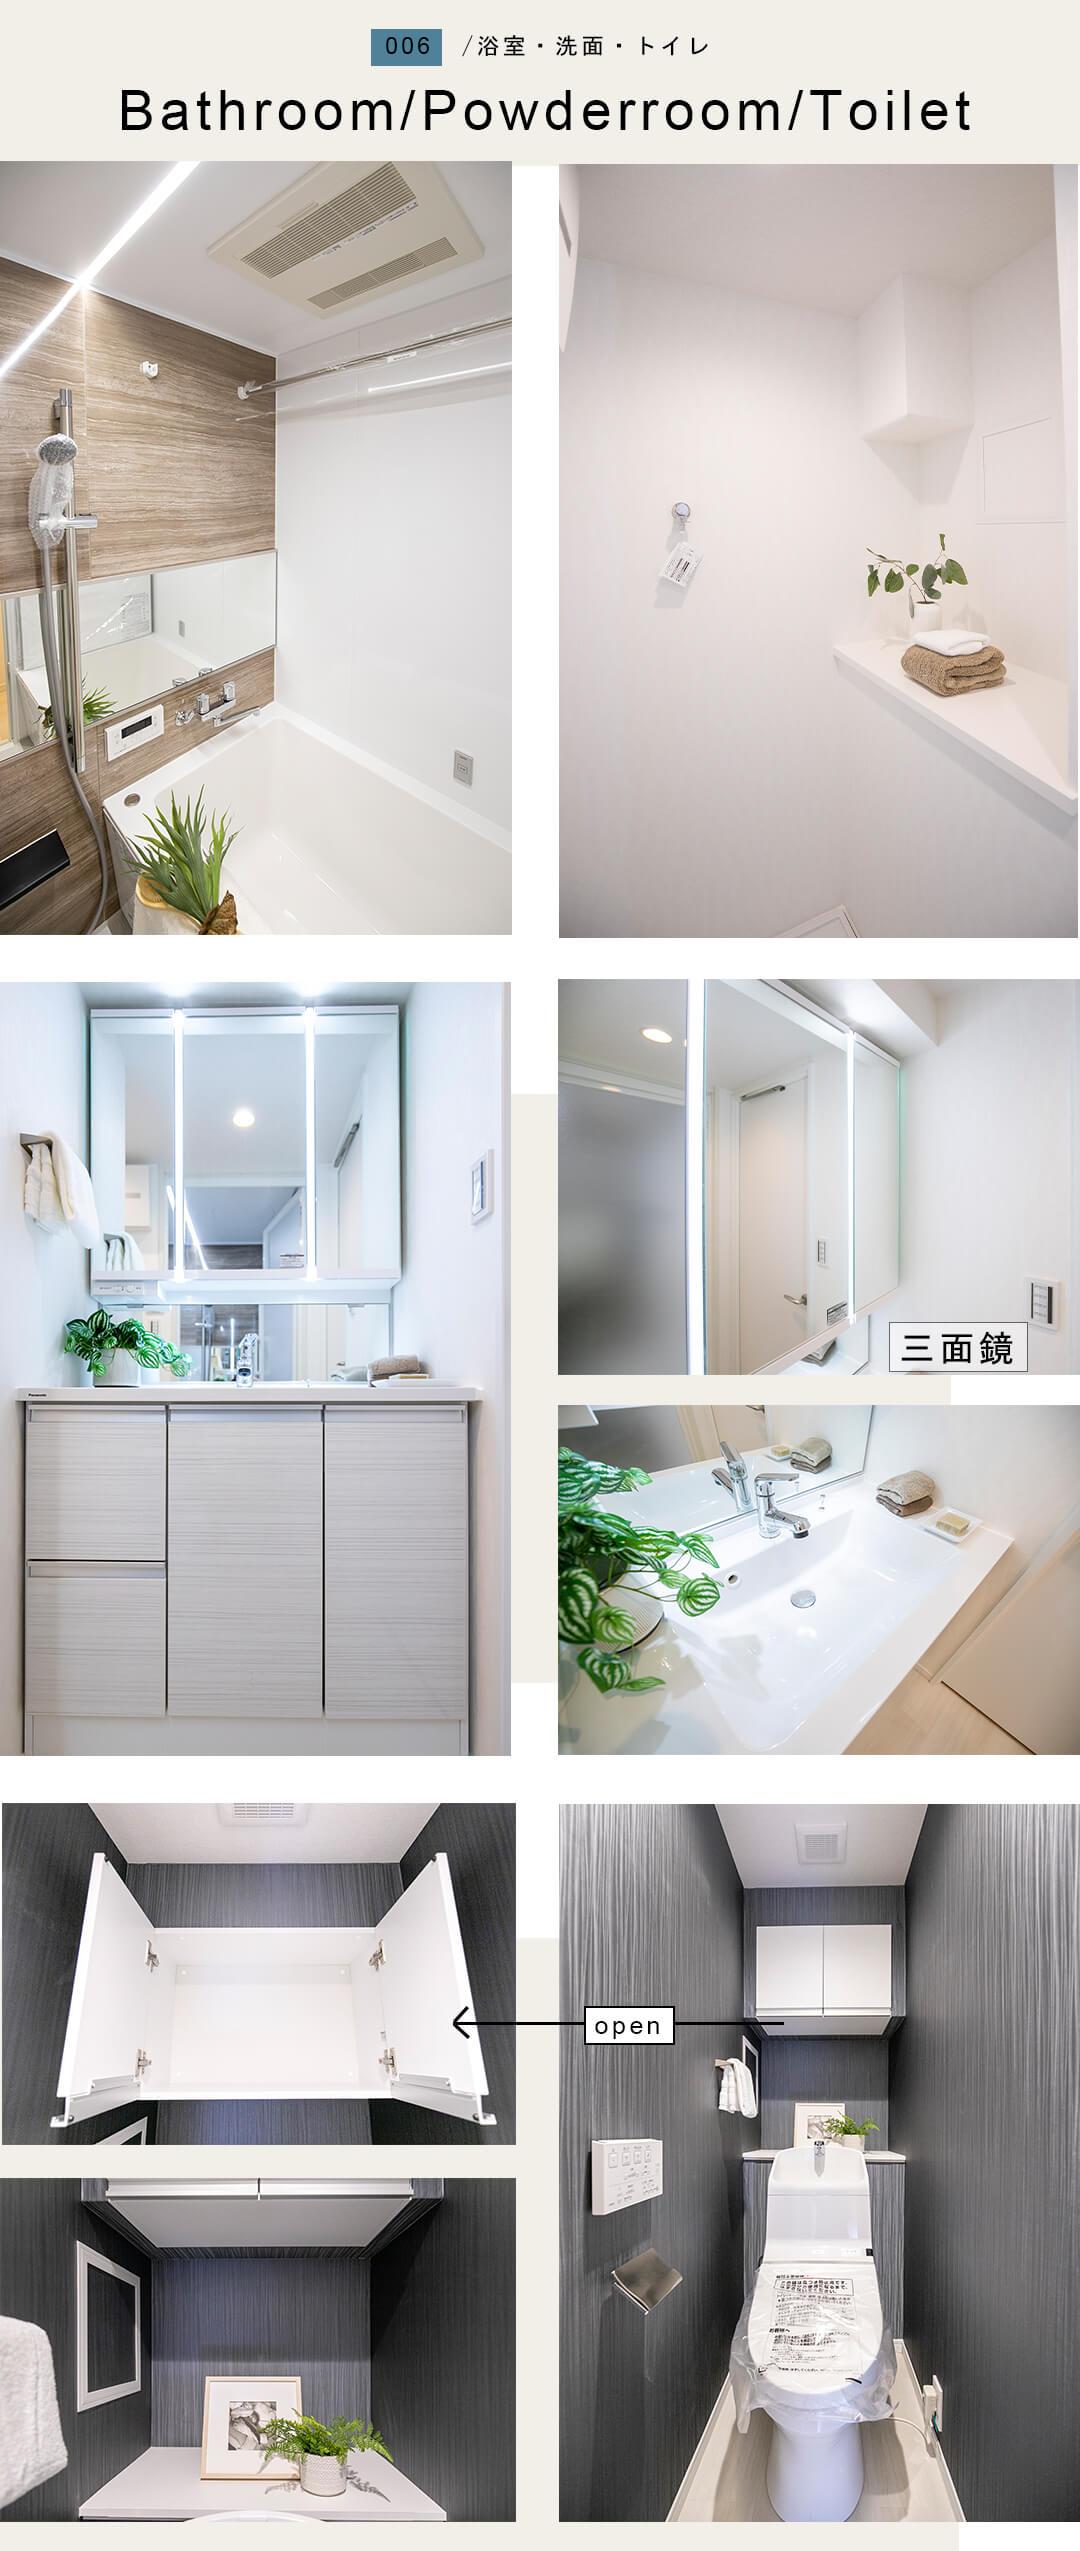 006浴室,洗面,トイレ,Bathroom,Powderroom,Toilet